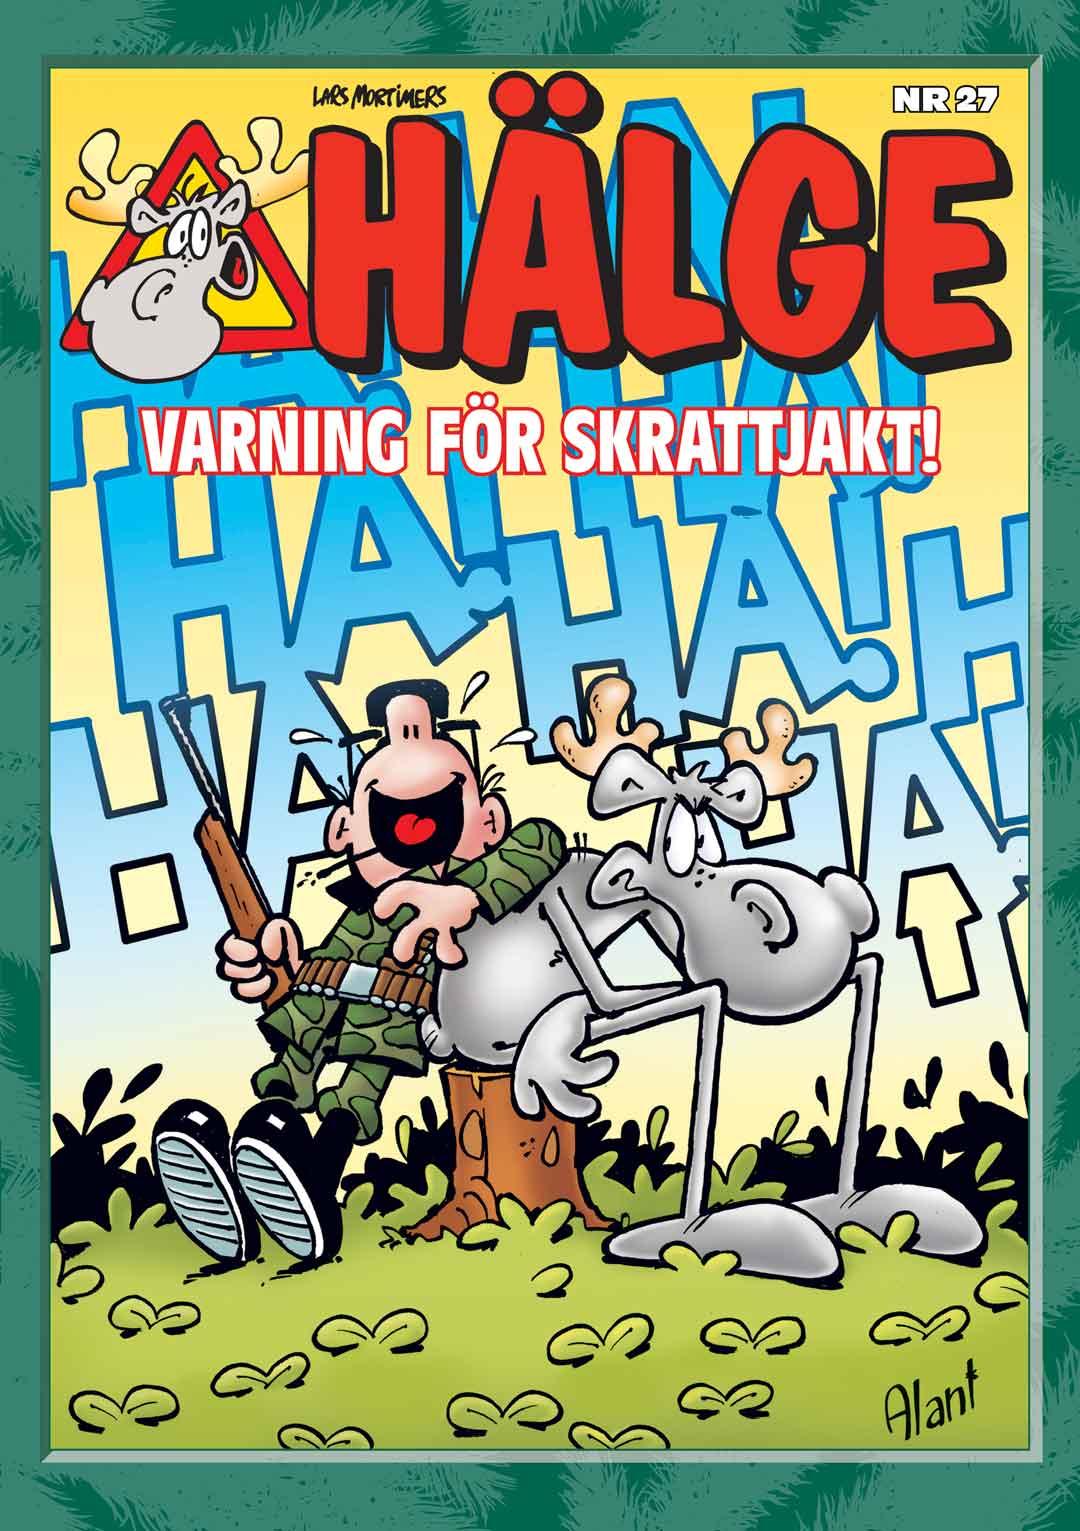 HÄLGE JULALBUM 27: Varning för skrattjakt!